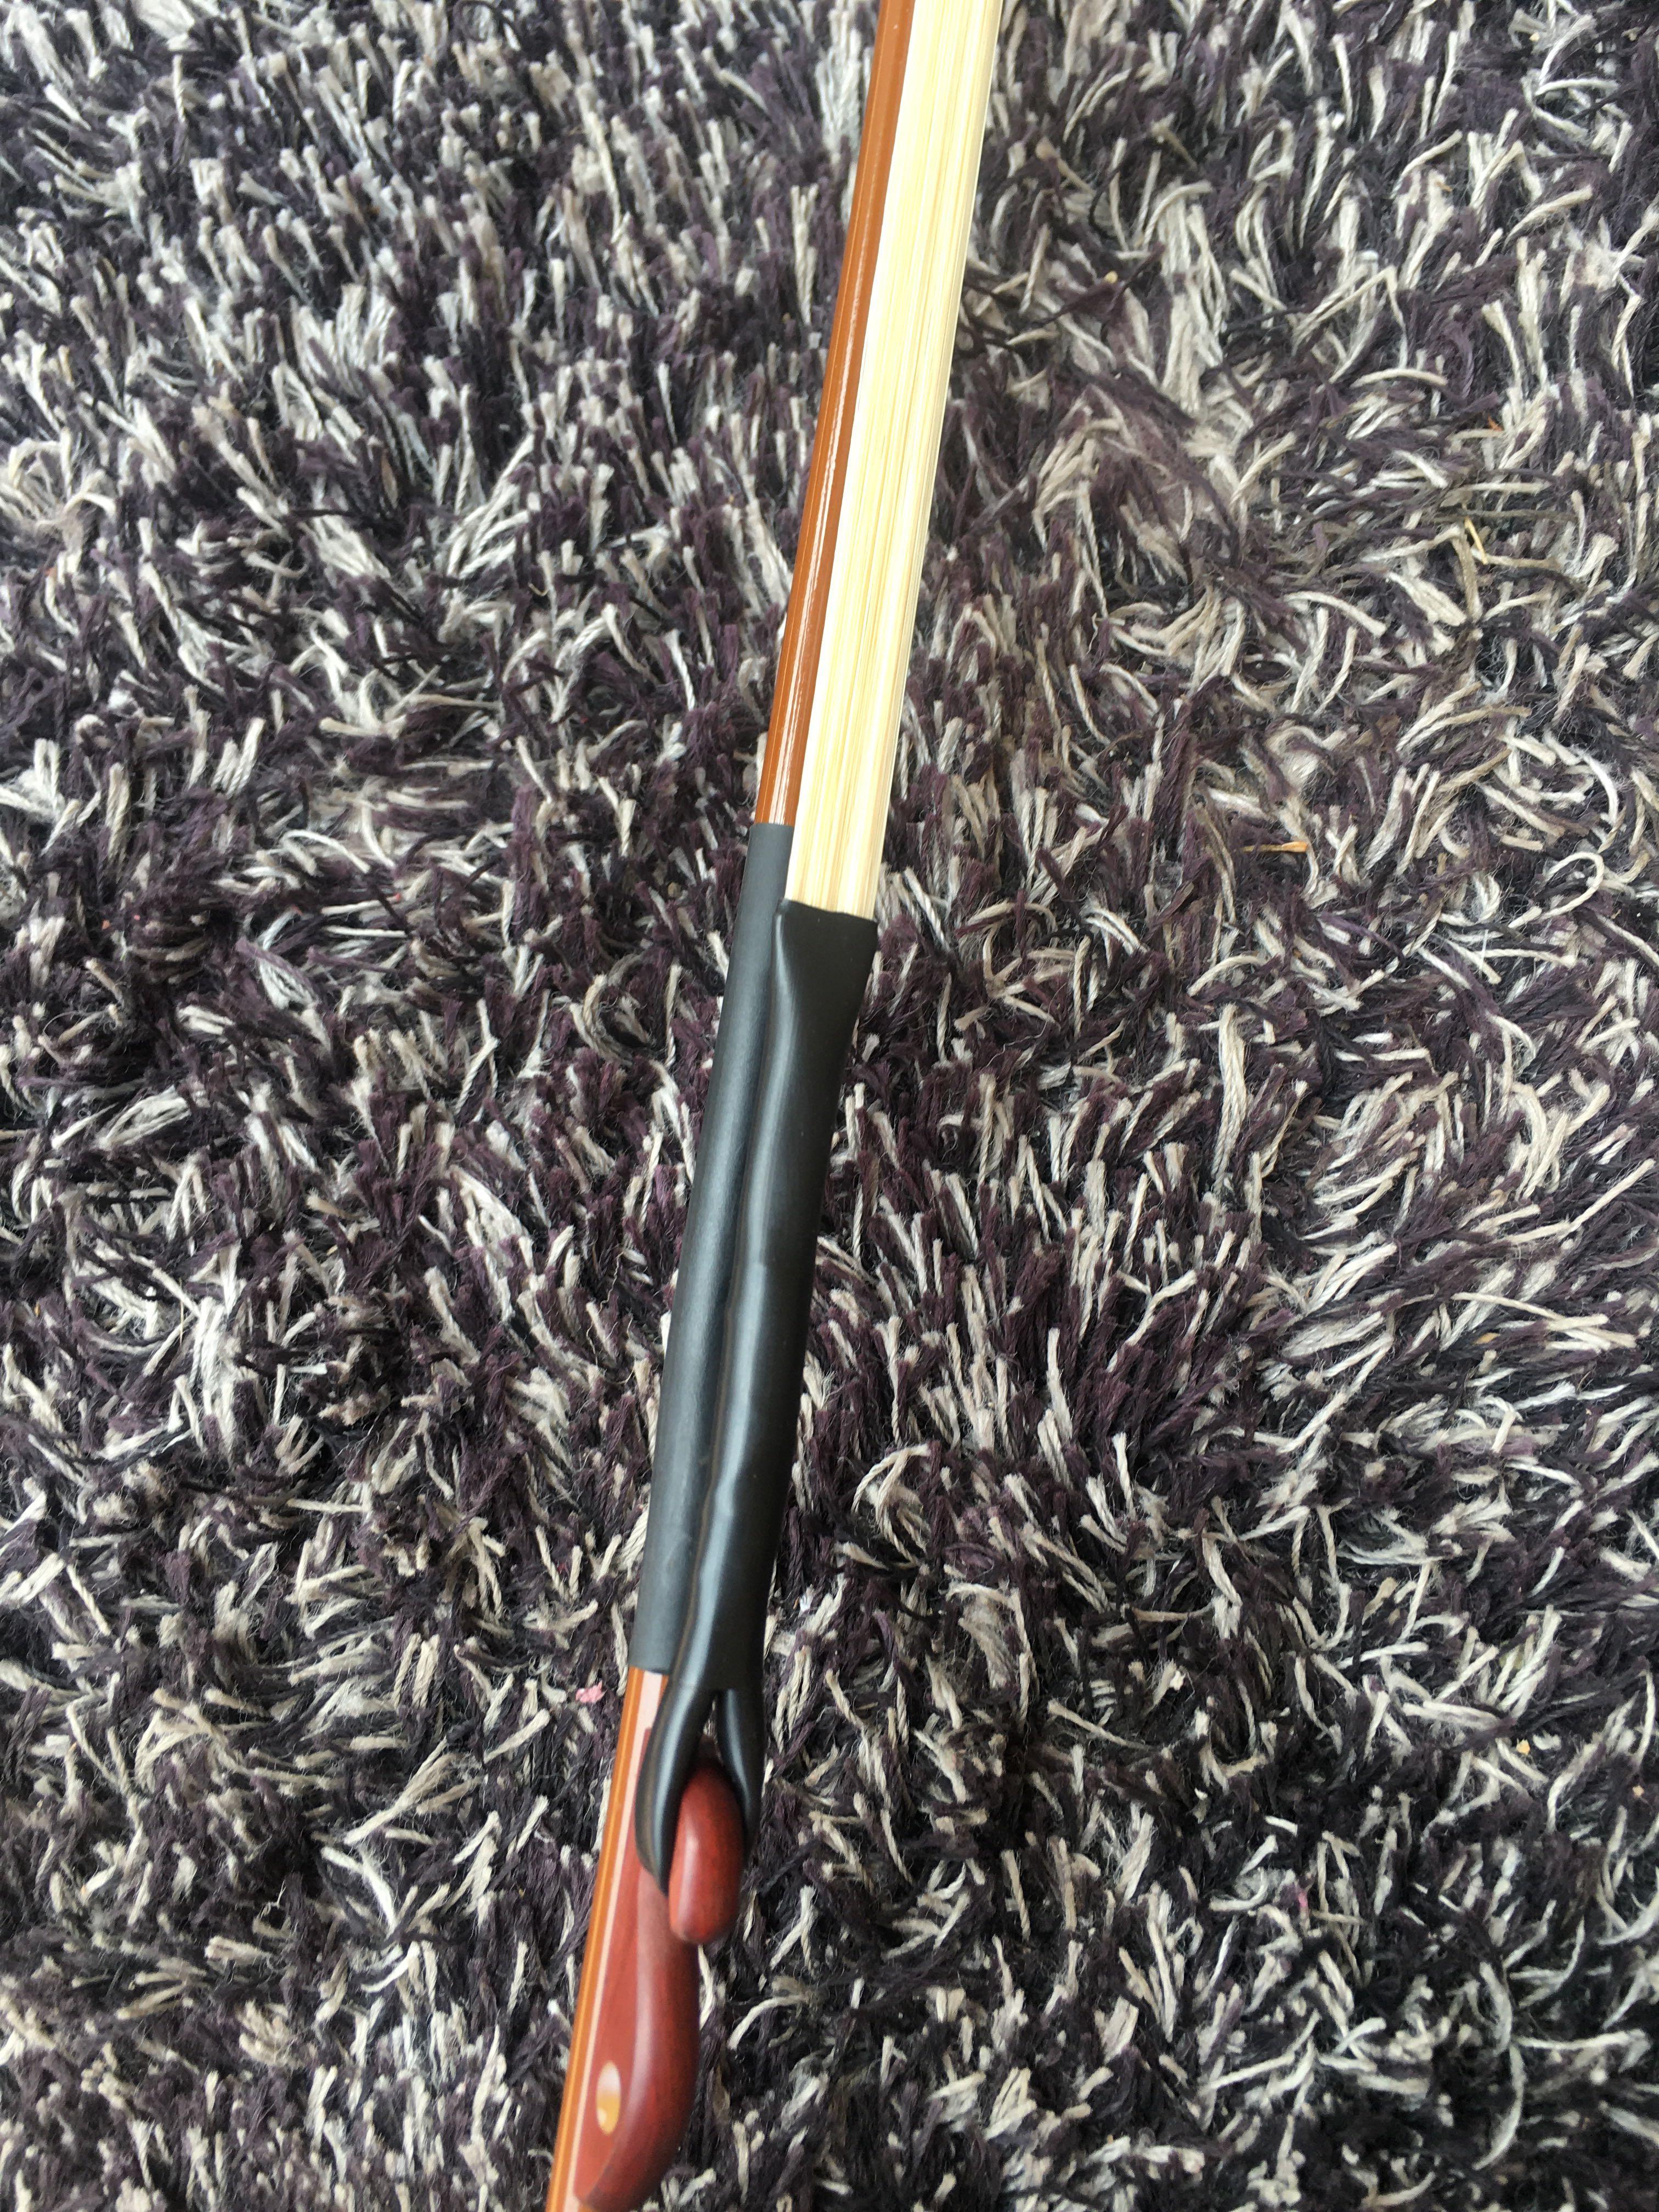 根马尾 300 厘米长 84 纯马尾二胡弓 专业紫竹马尾二胡弓